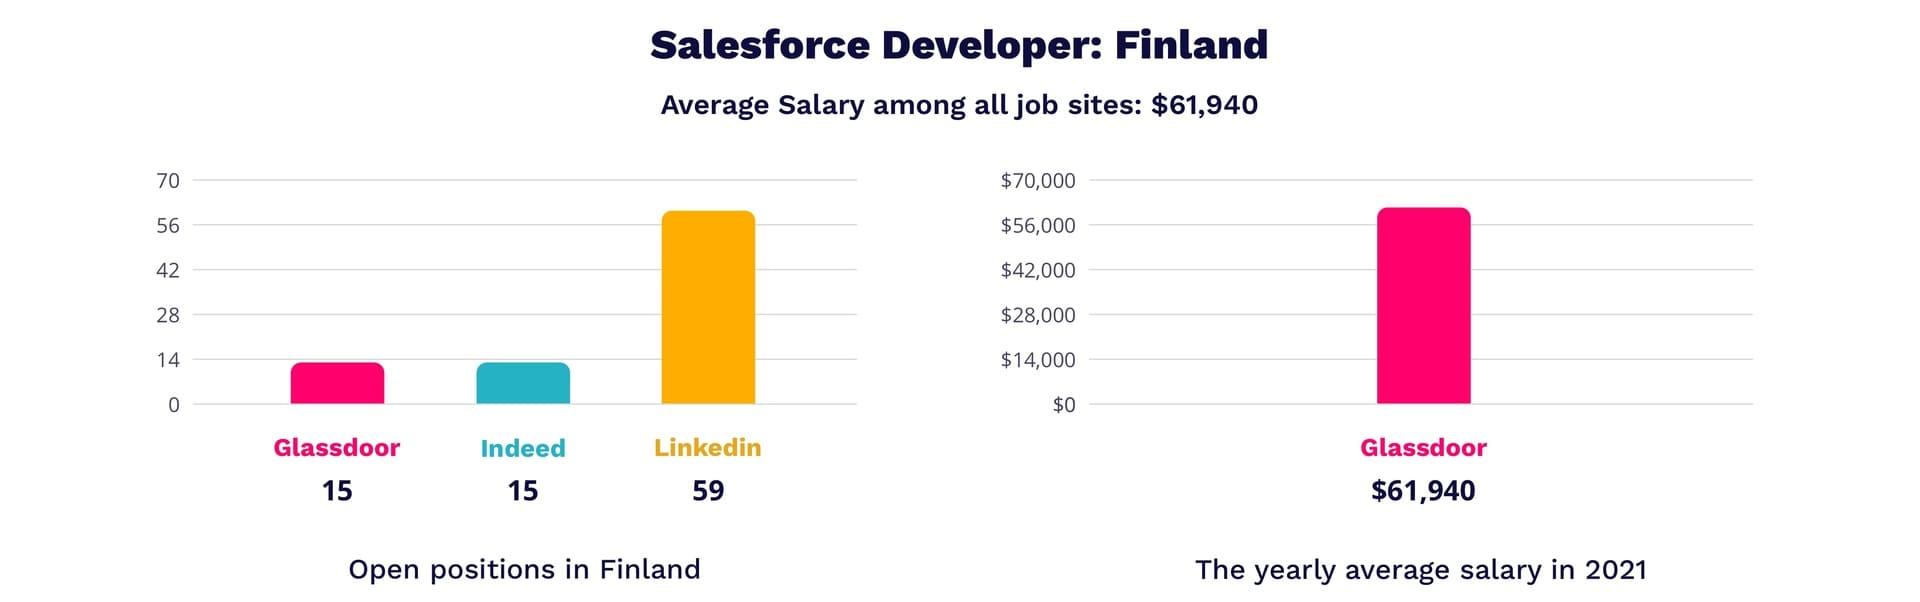 Salesforce developer salary in Finland